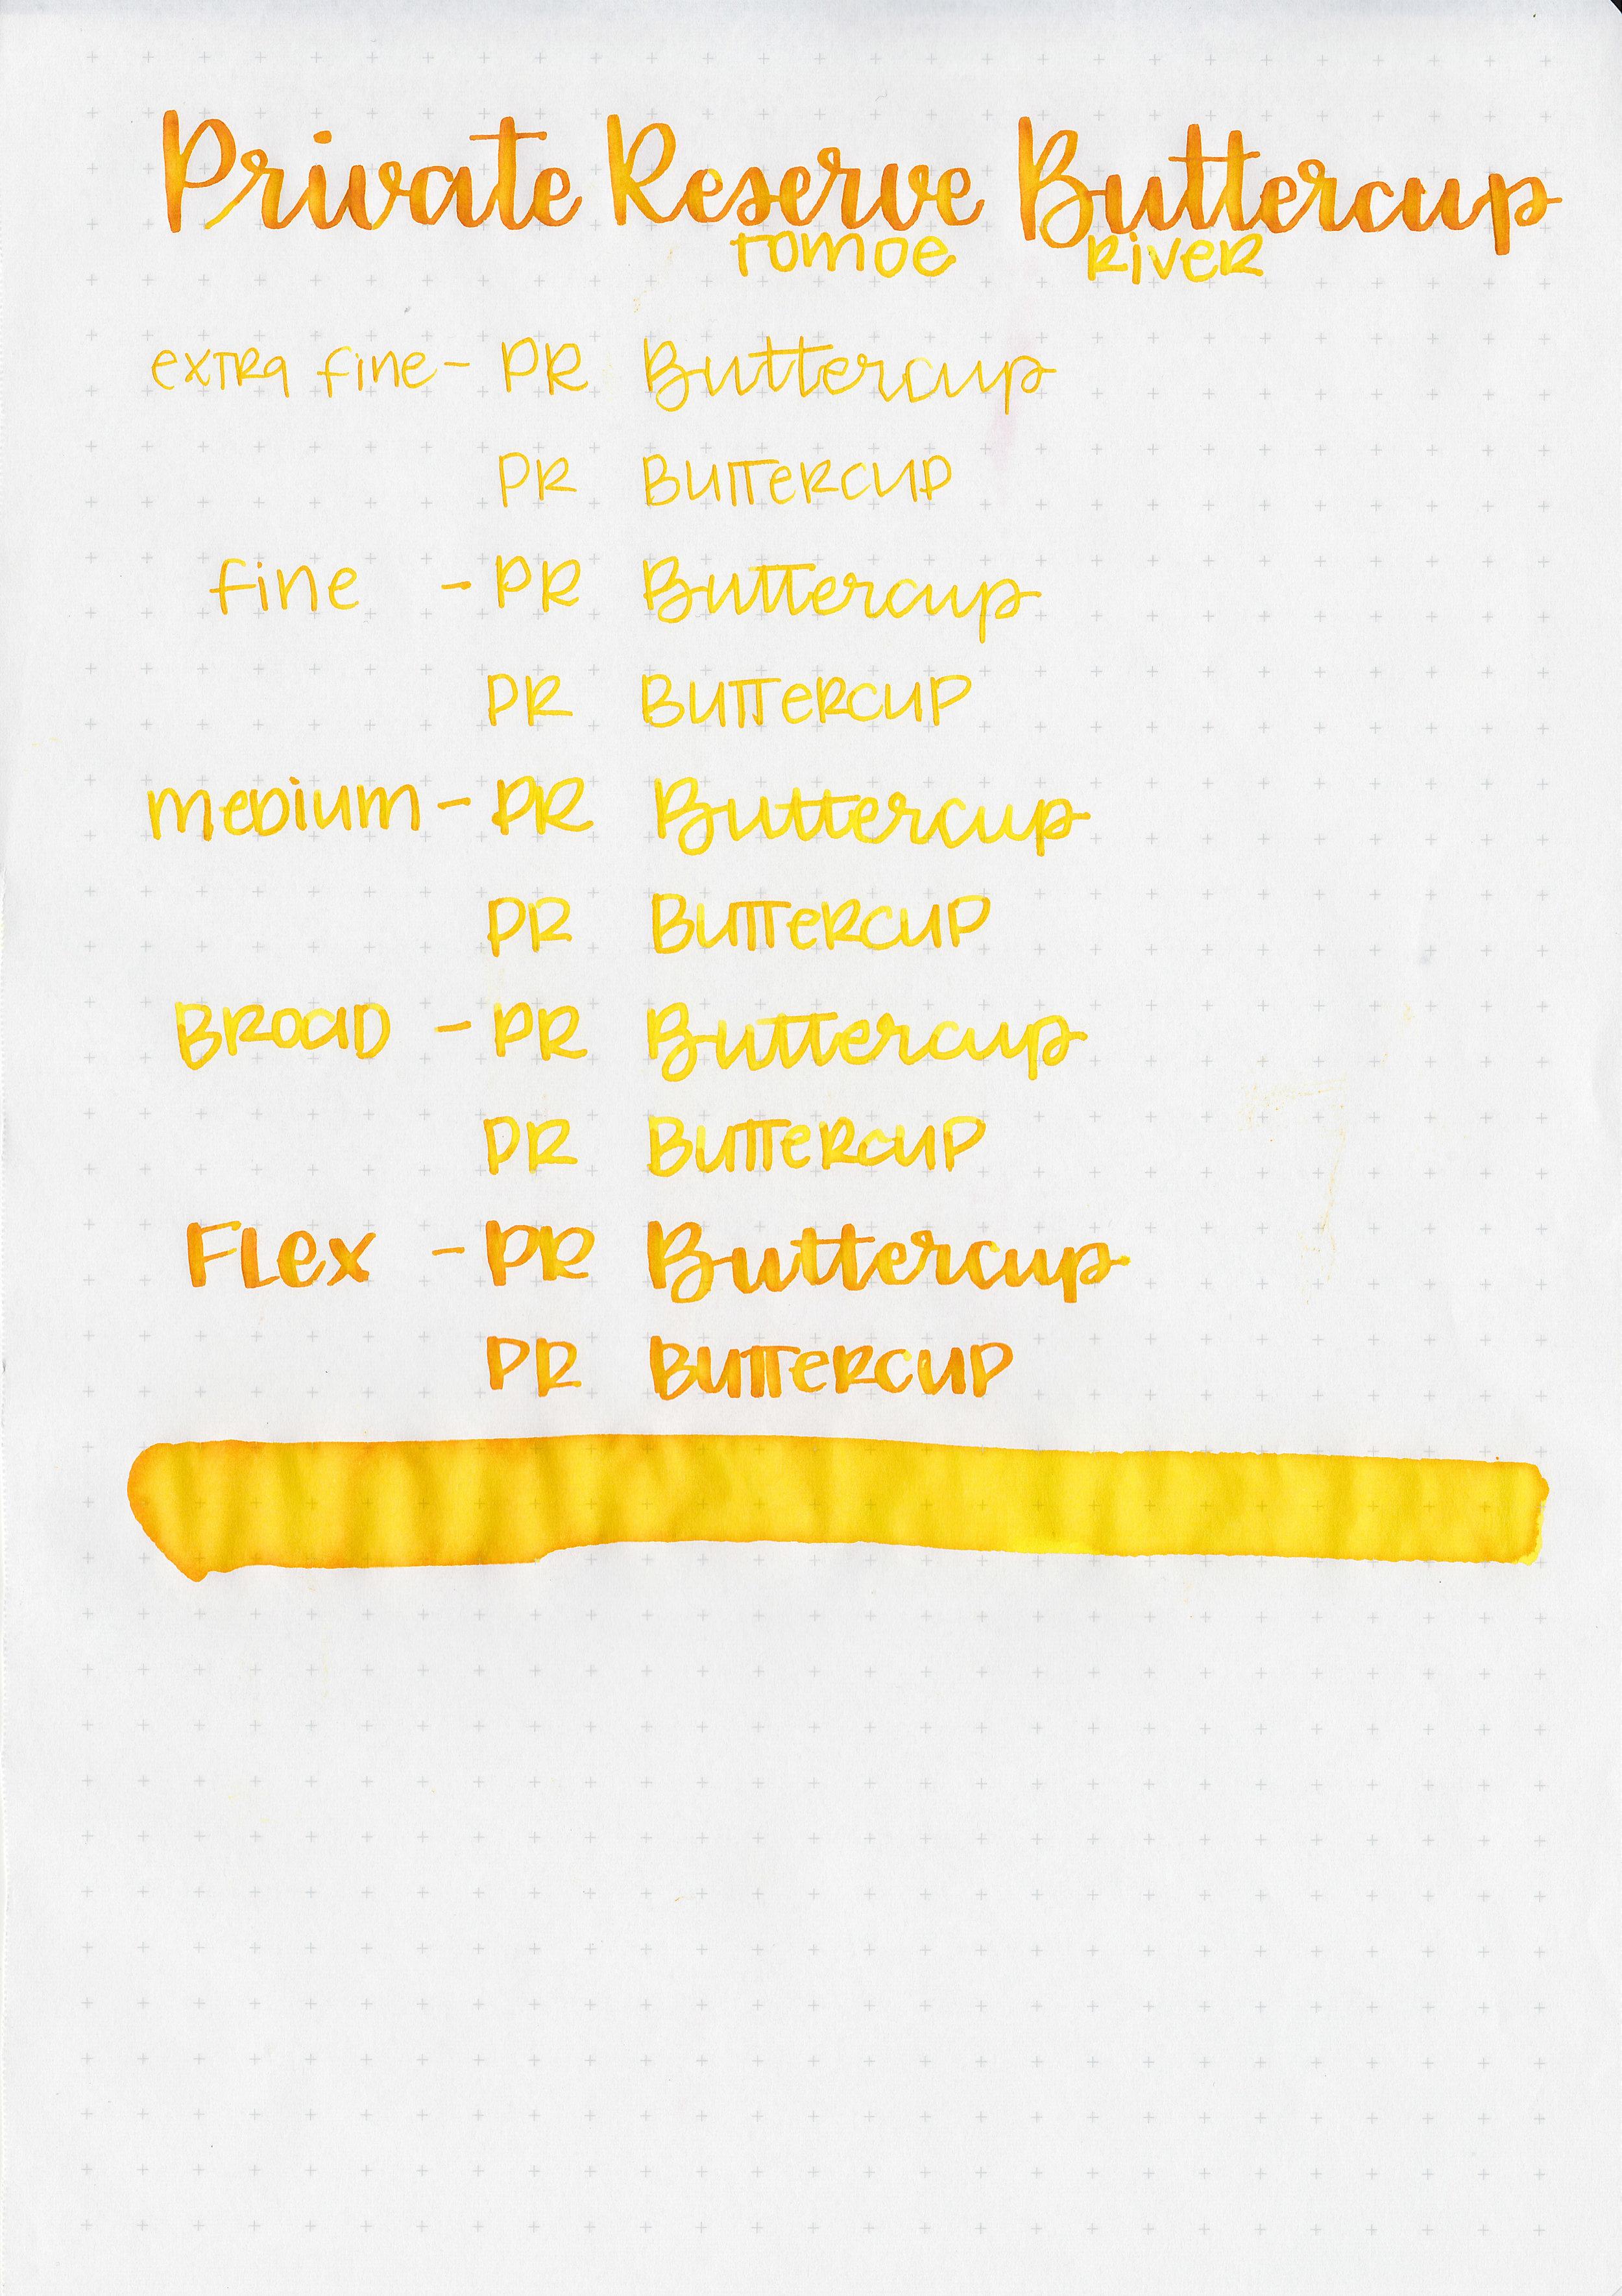 pr-buttercup-9.jpg